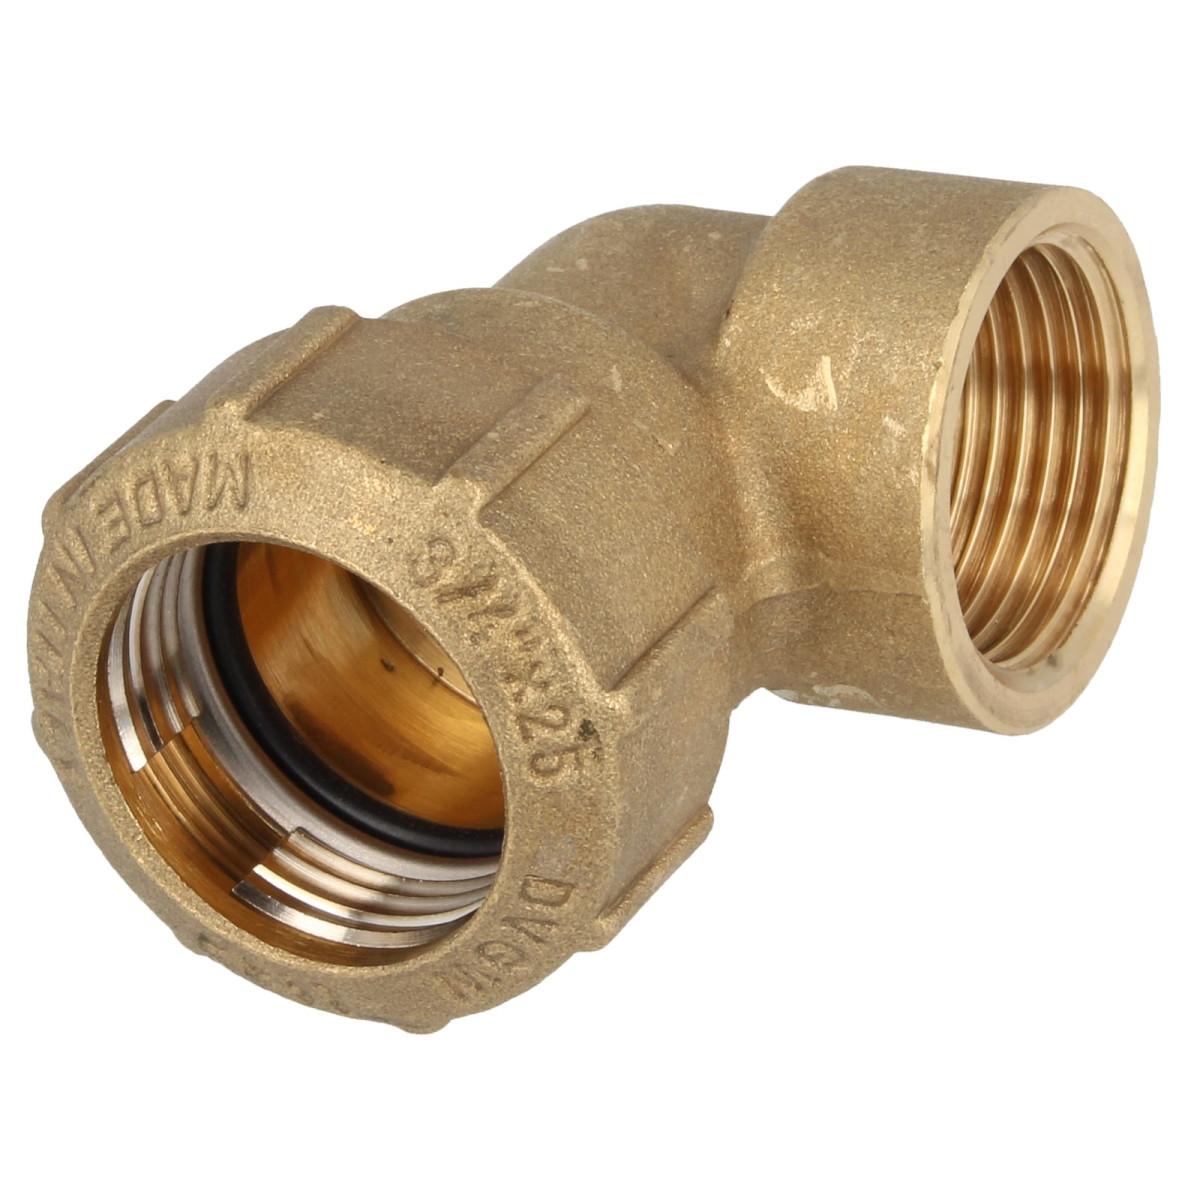 PE-Rohr 90°-Winkel 32 mm x 32 mm